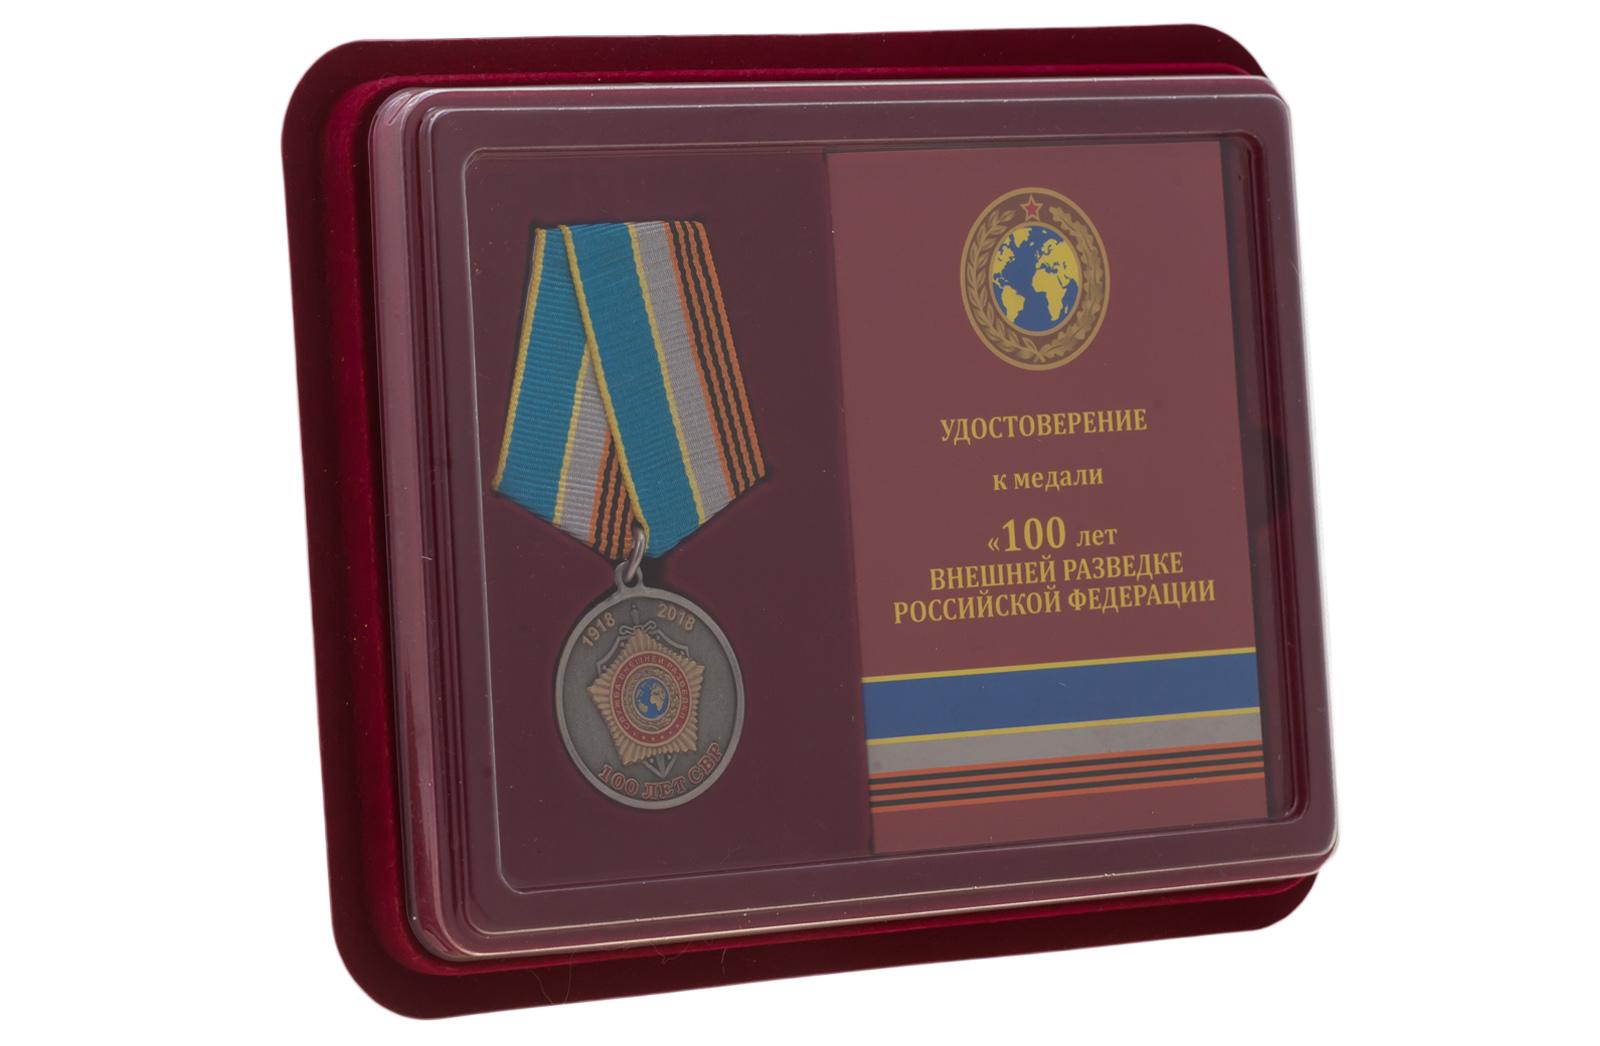 Купить медаль 100 лет Службе внешней разведки России онлайн с доставкой